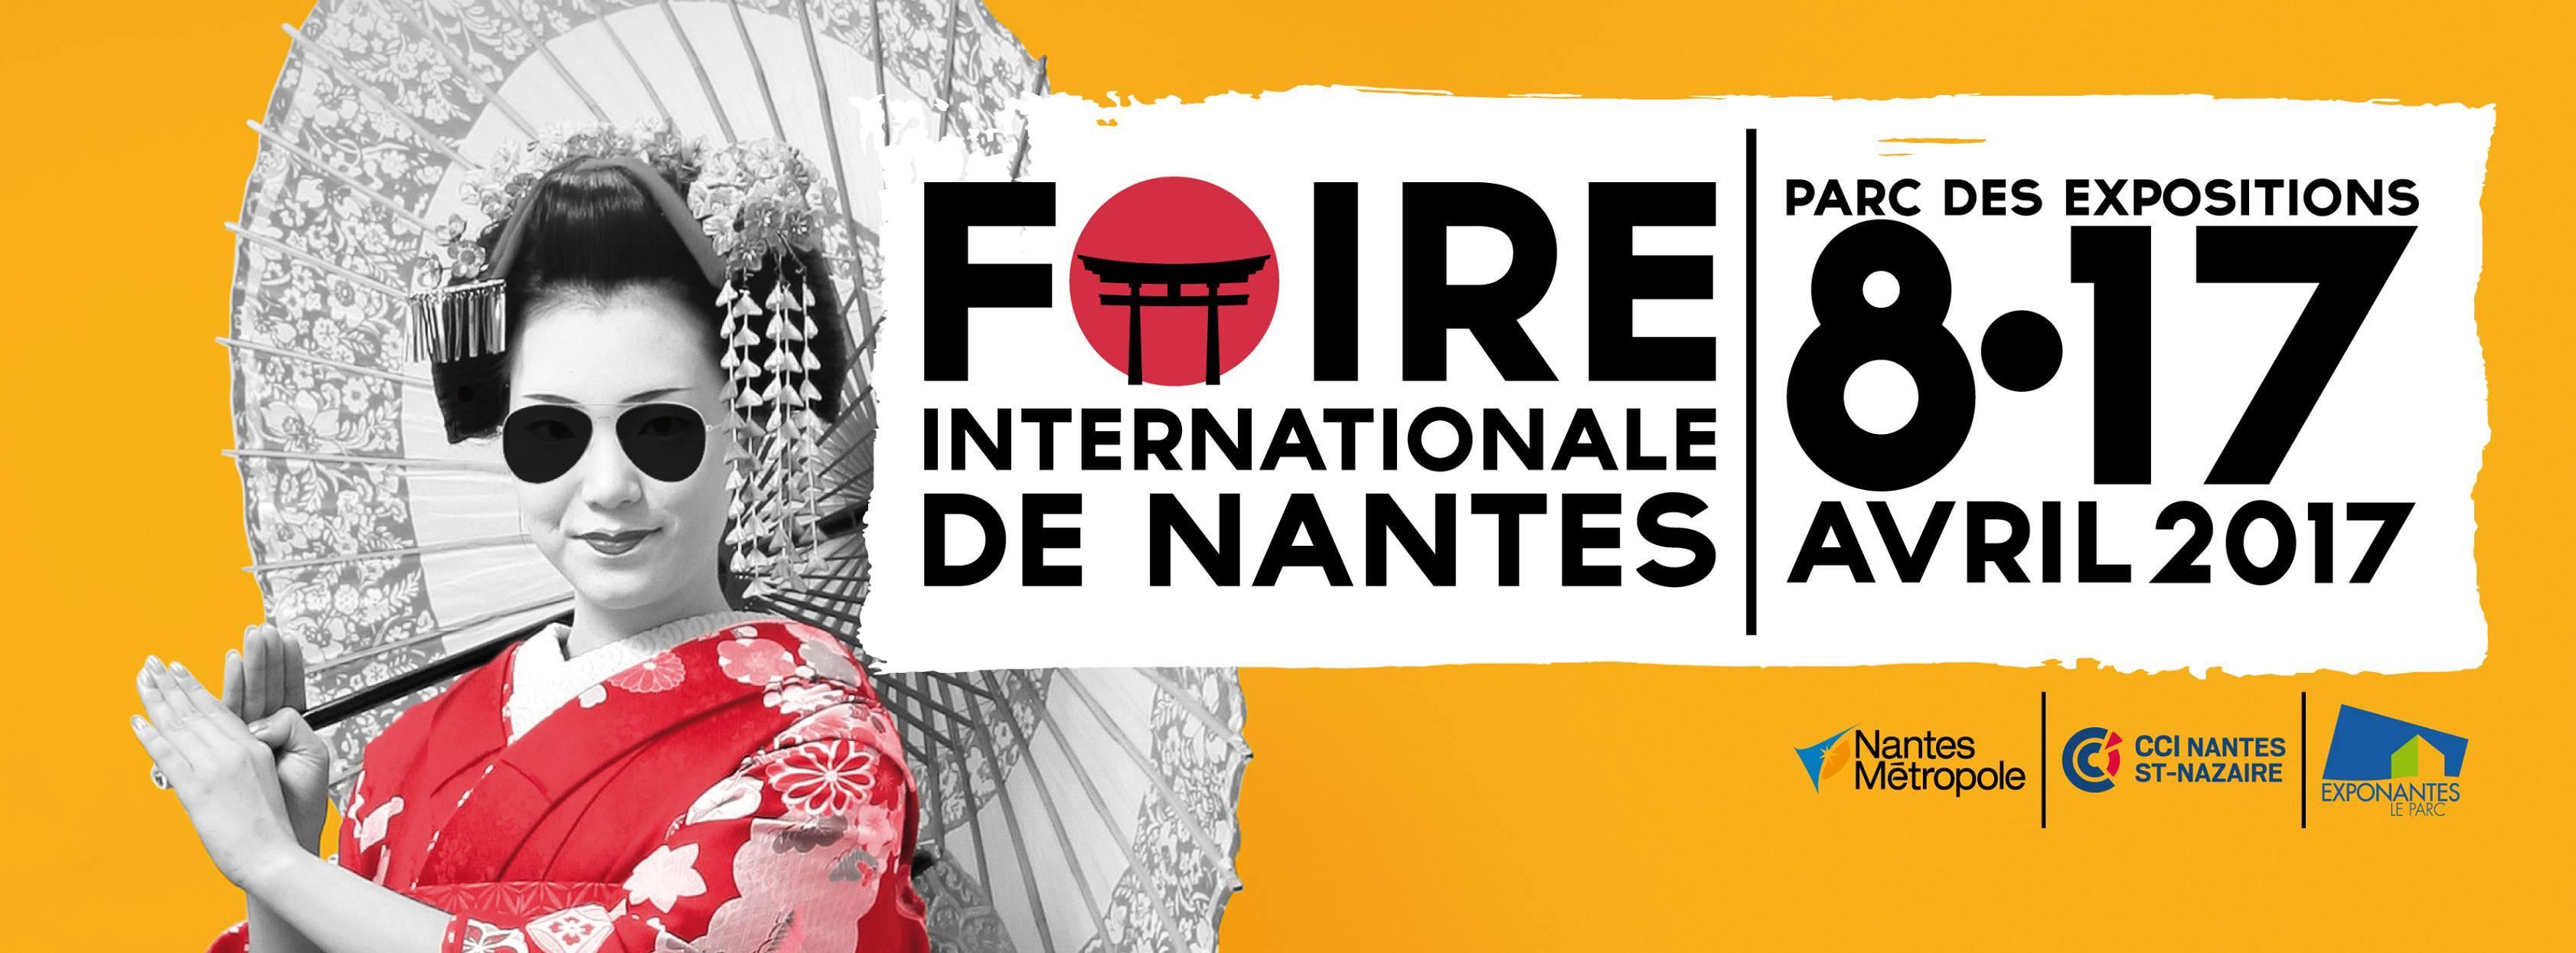 Loire Aménagement à La Foire De Nantes Du 8 Au 17 Avril 2017